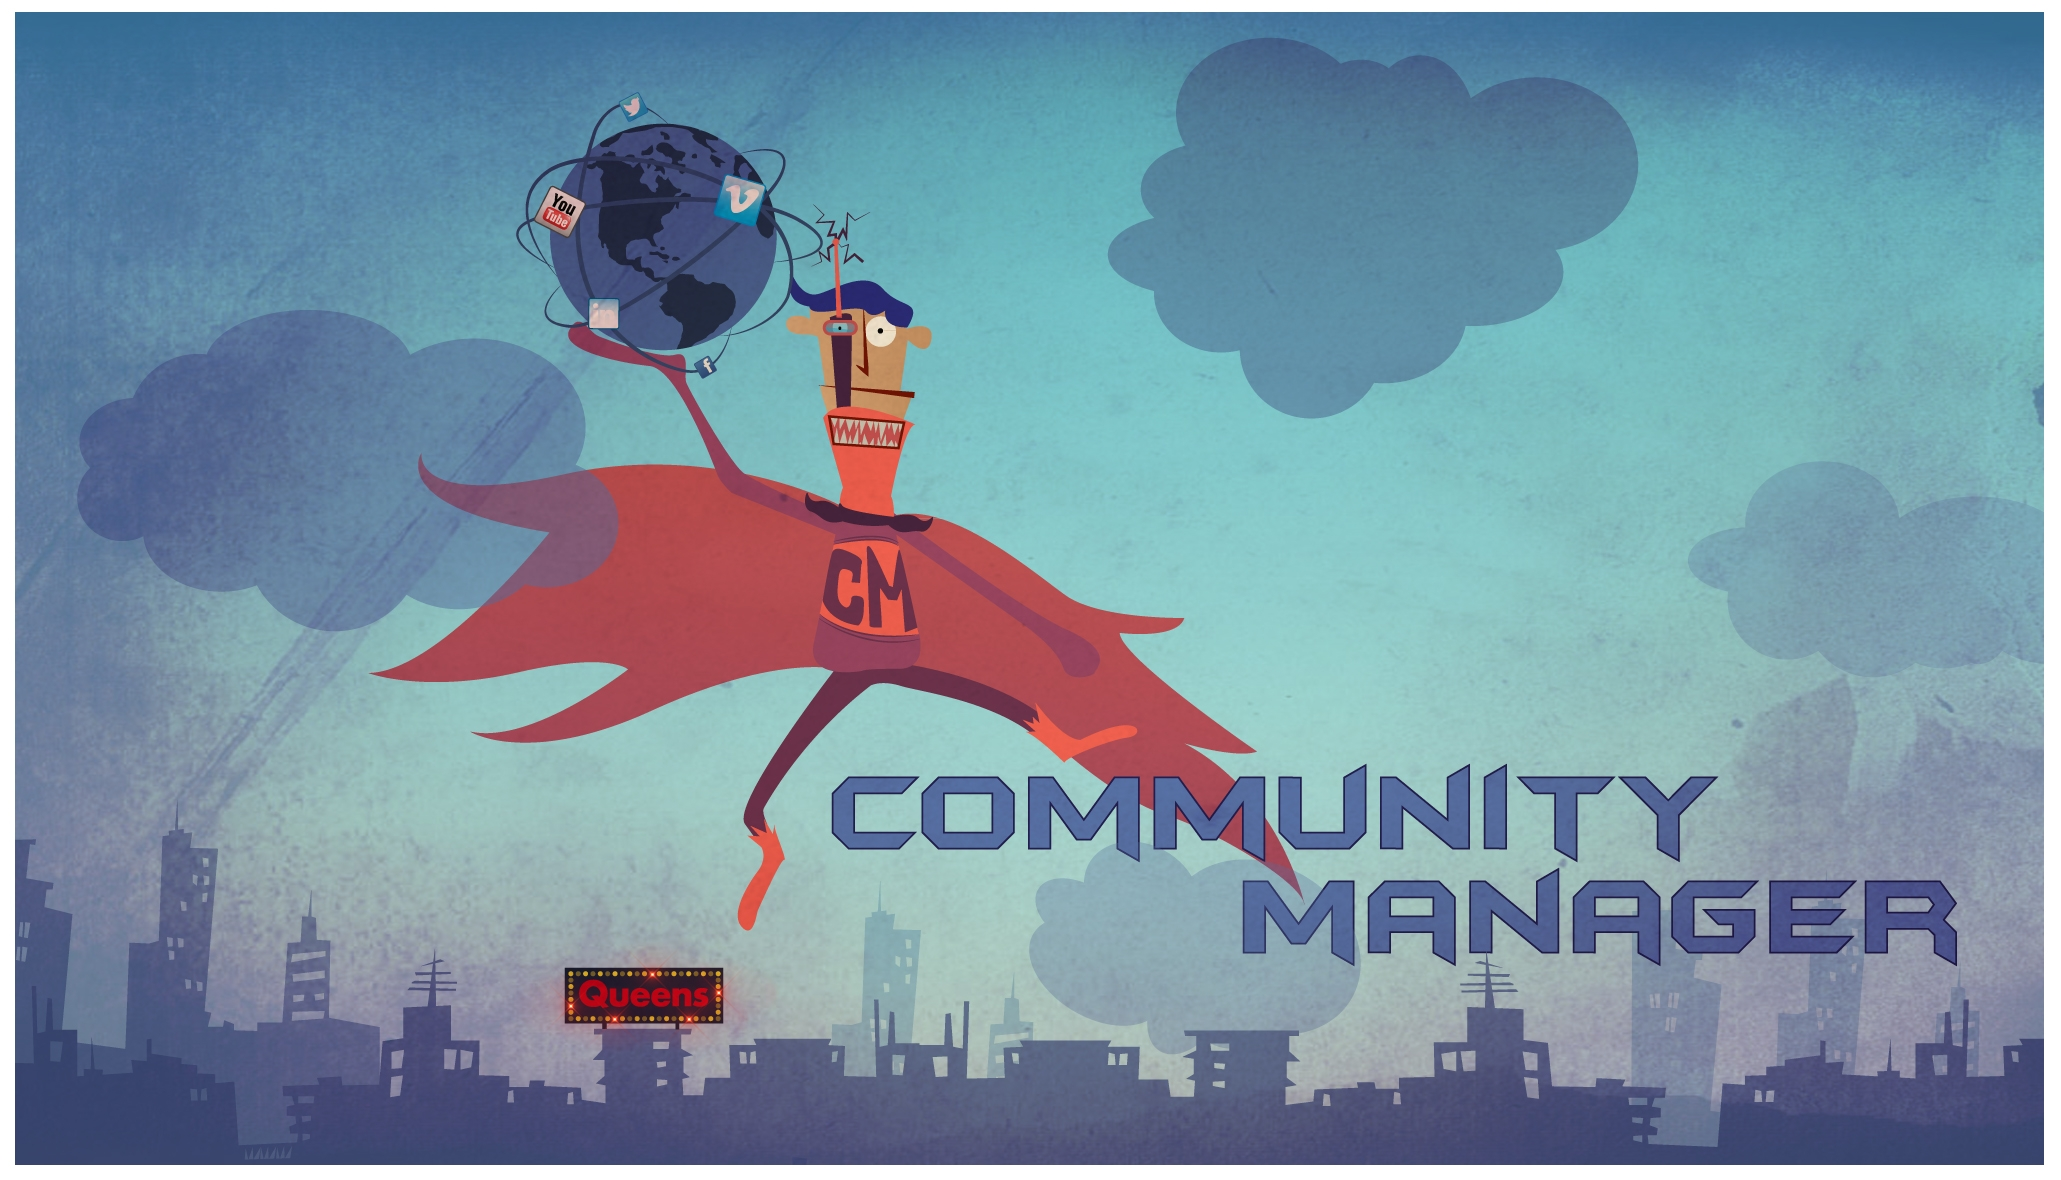 Community manager queens Comunity Manager El héroe de las Redes Sociales